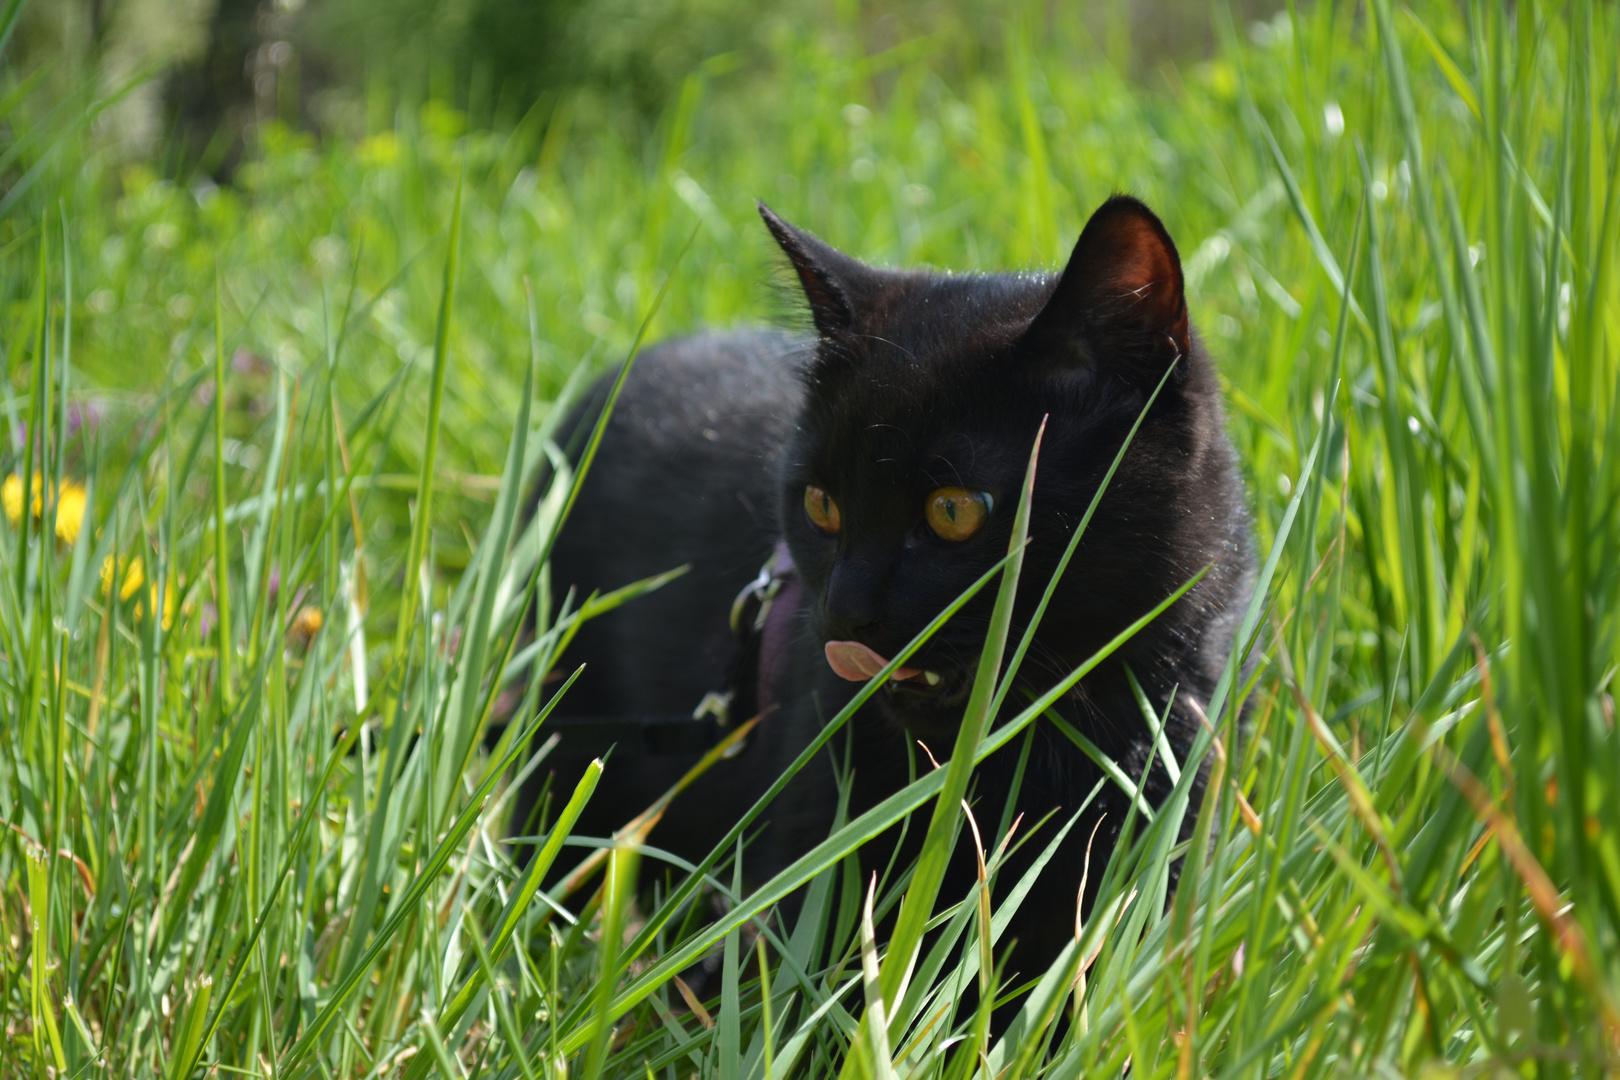 Wer spaziert denn hier im Gras?!